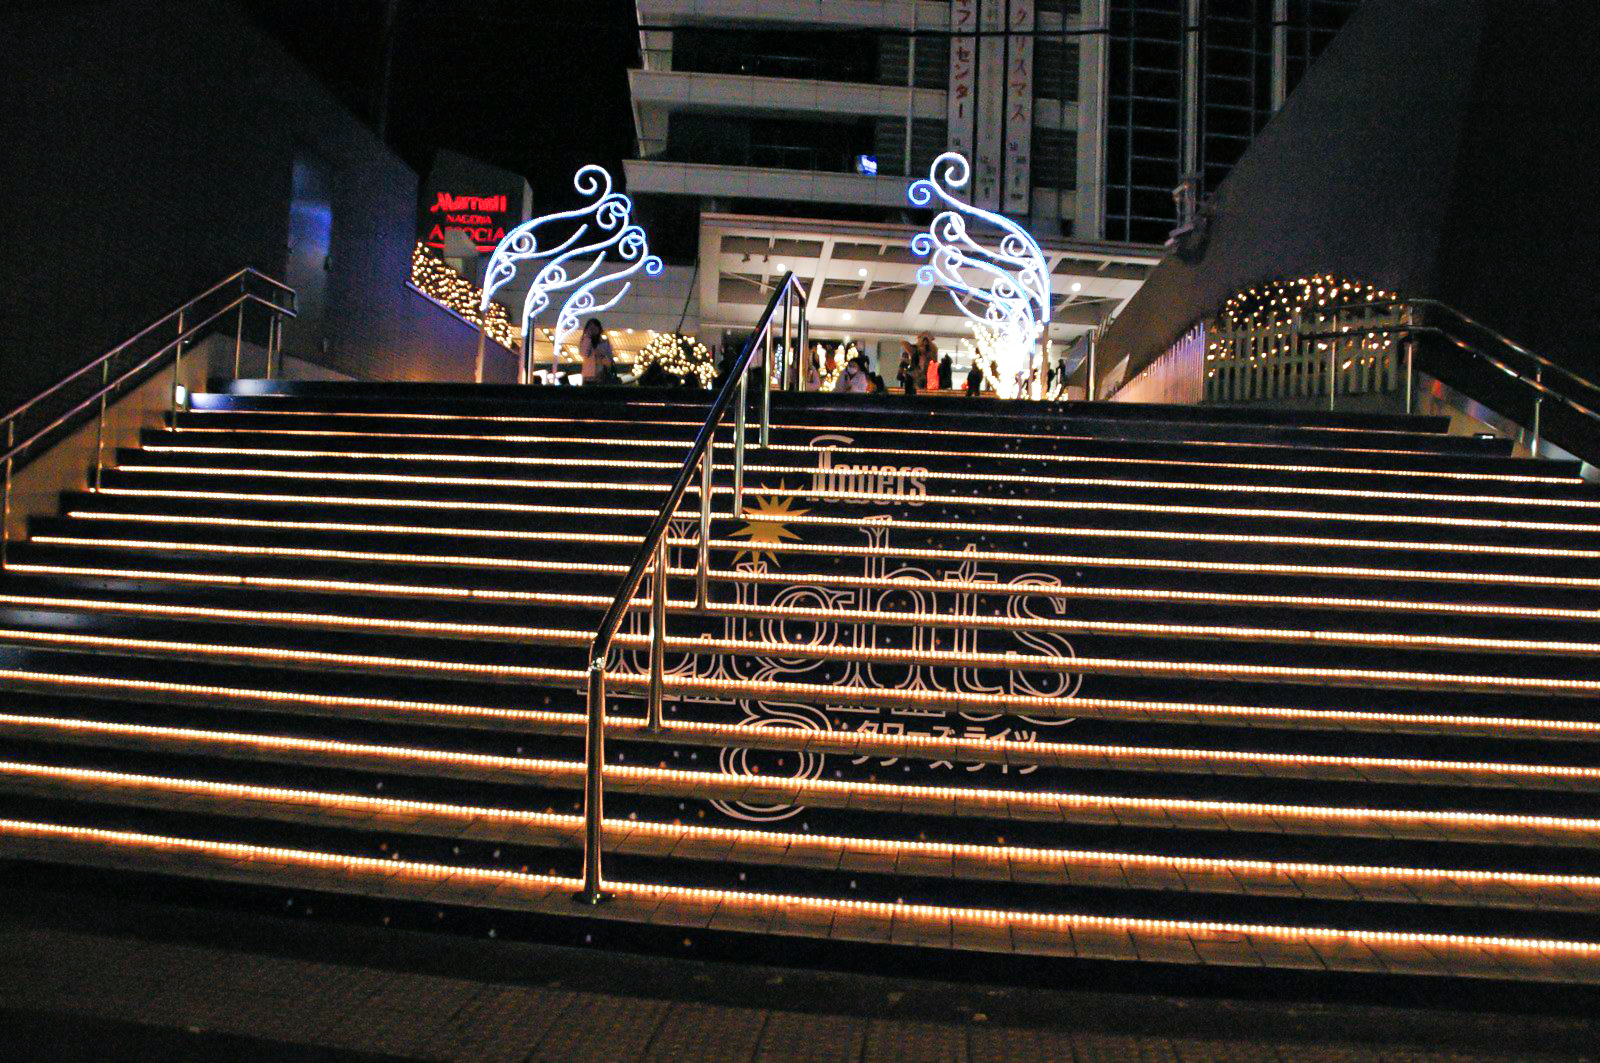 階段に浮かび上がる文字と明かりのイルミネーション